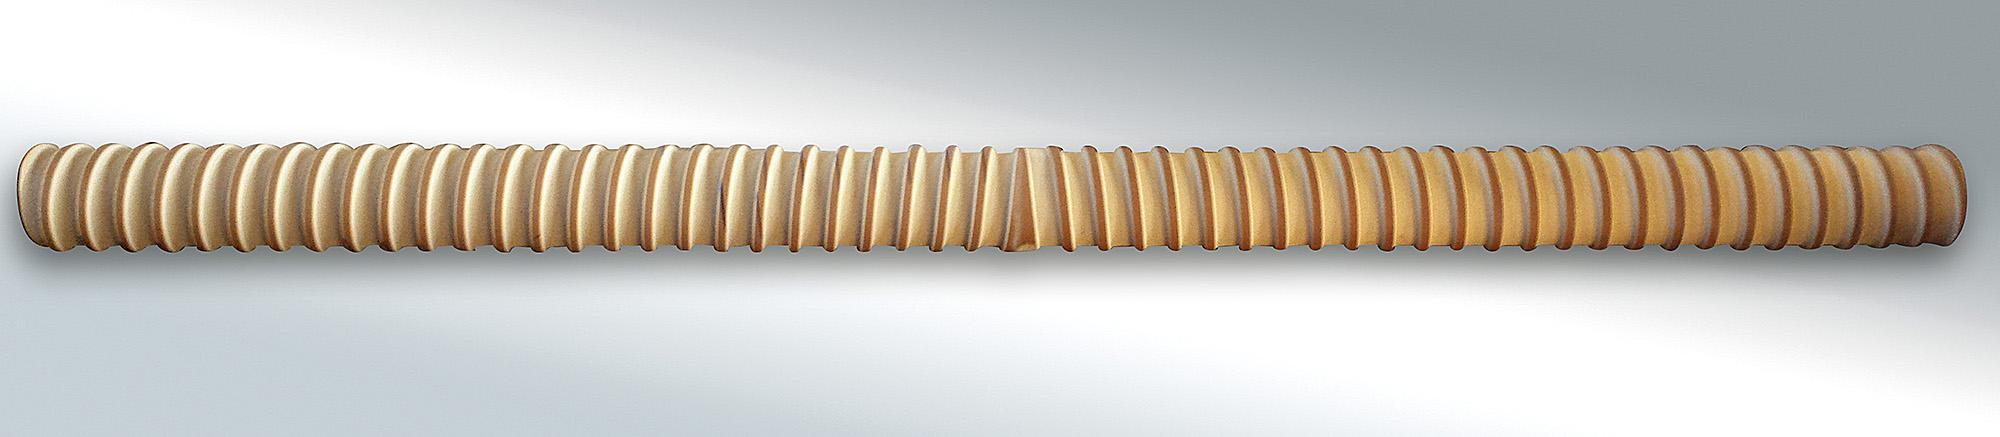 Ελαστικός κύλινδρος μεταφοράς κόλλας